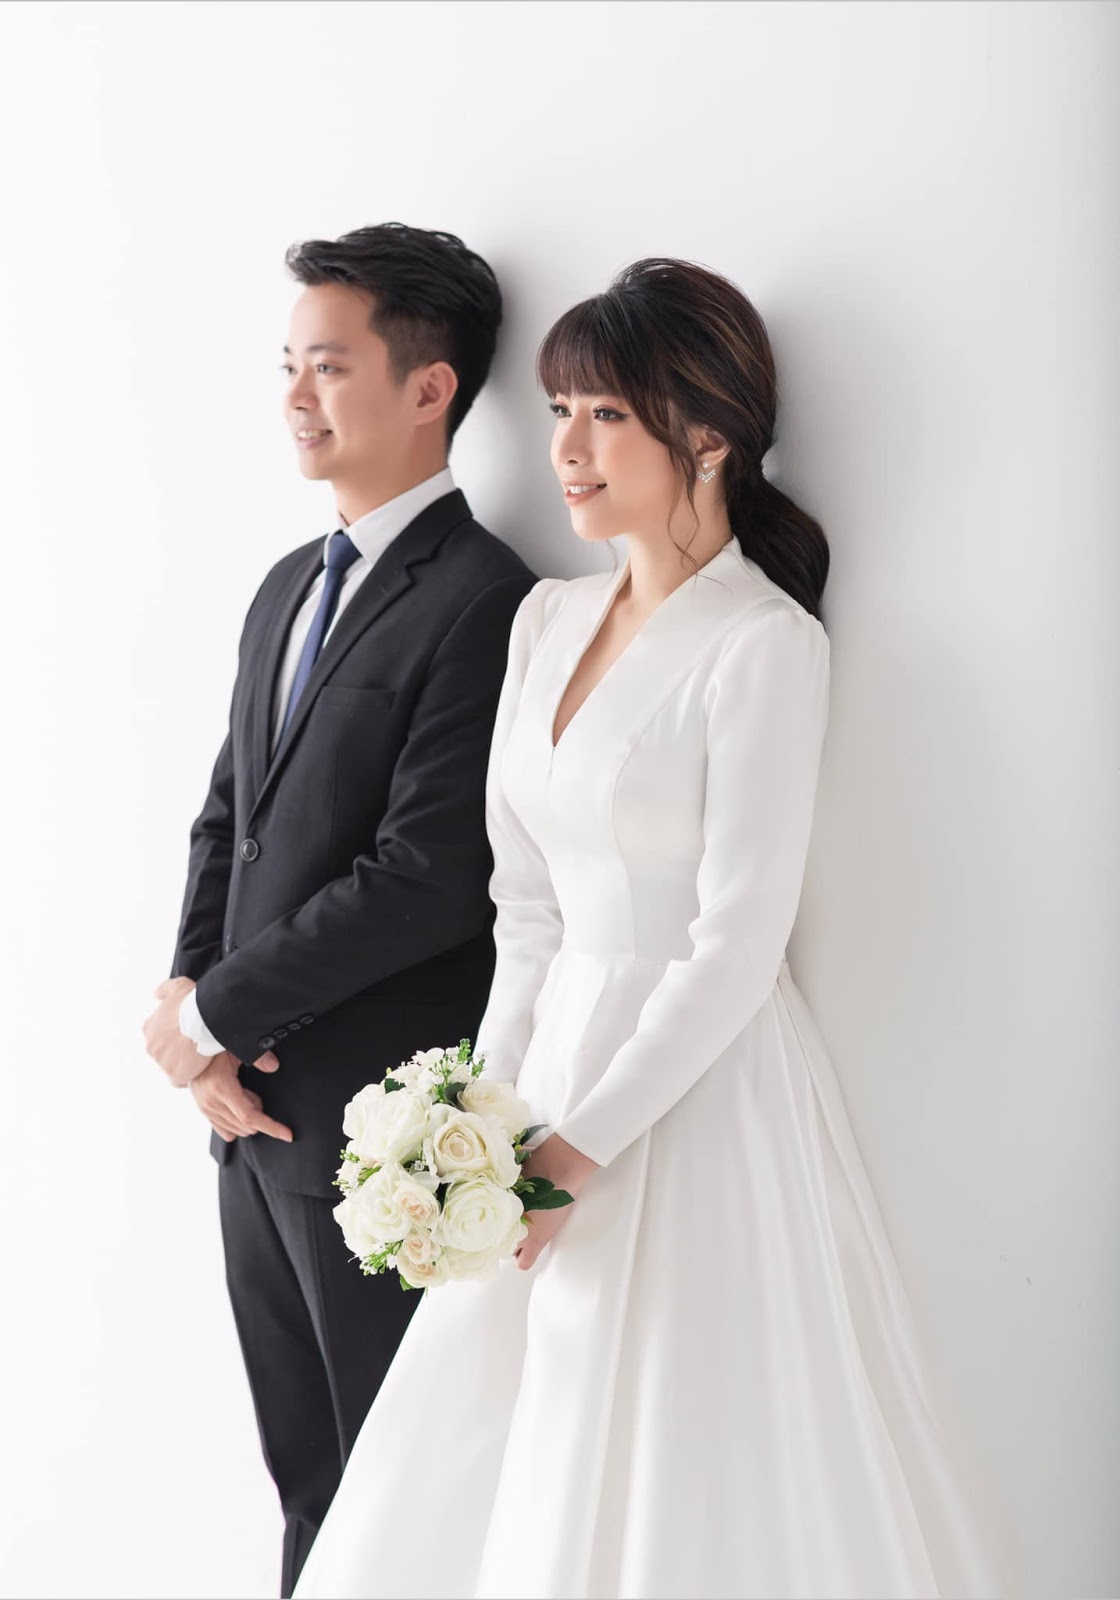 5 mẫu váy cưới đơn giản nhưng đầy ấn tượng dành cho cô dâu Marry